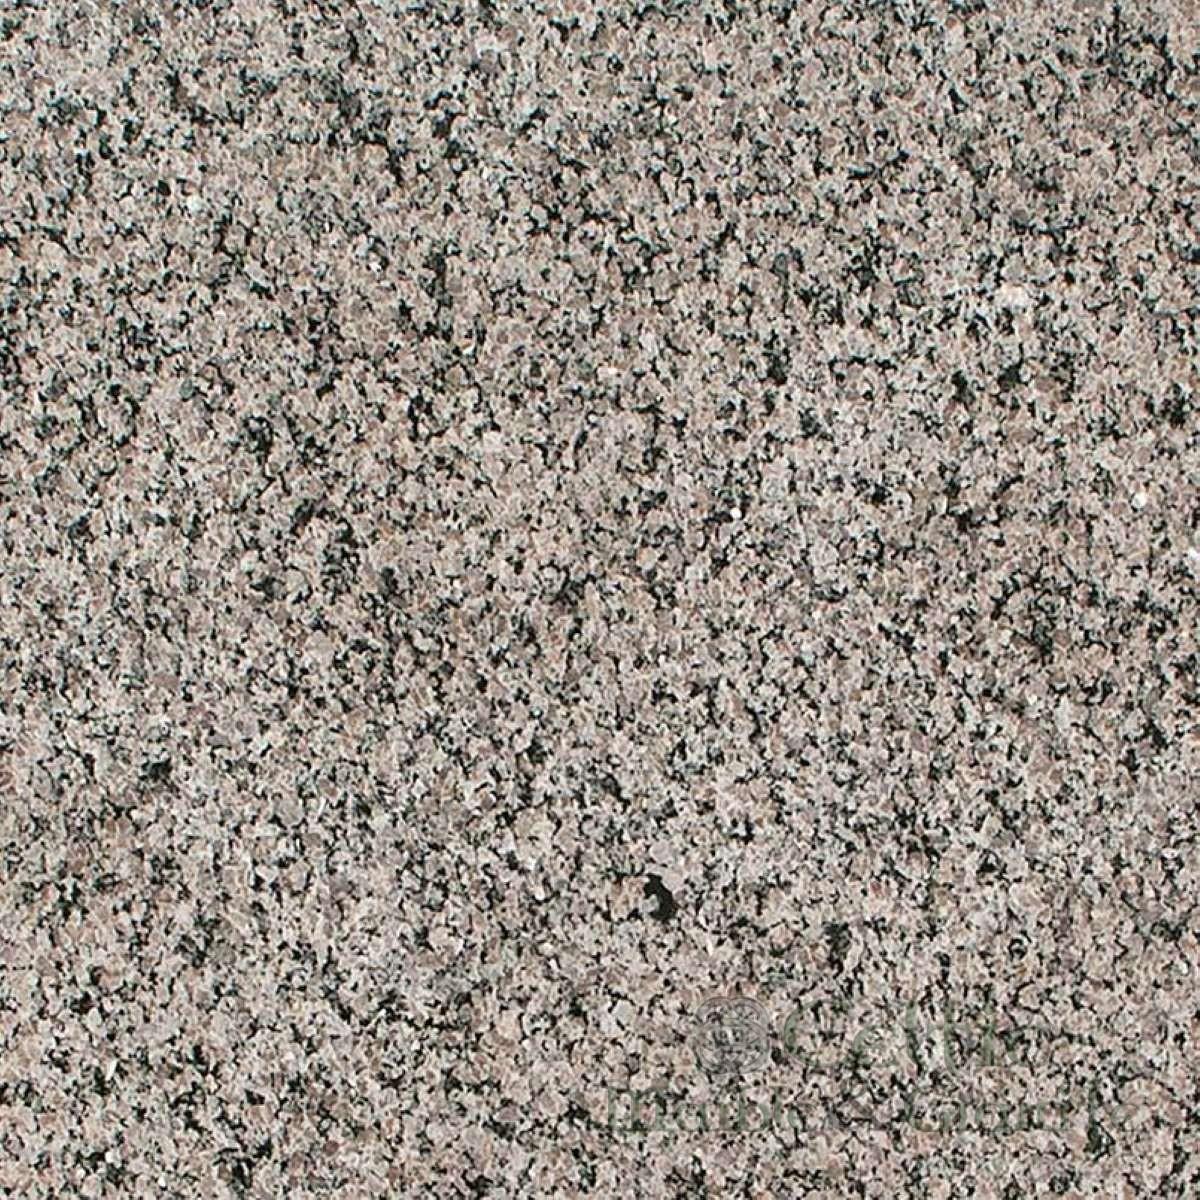 caledonia-granite_1